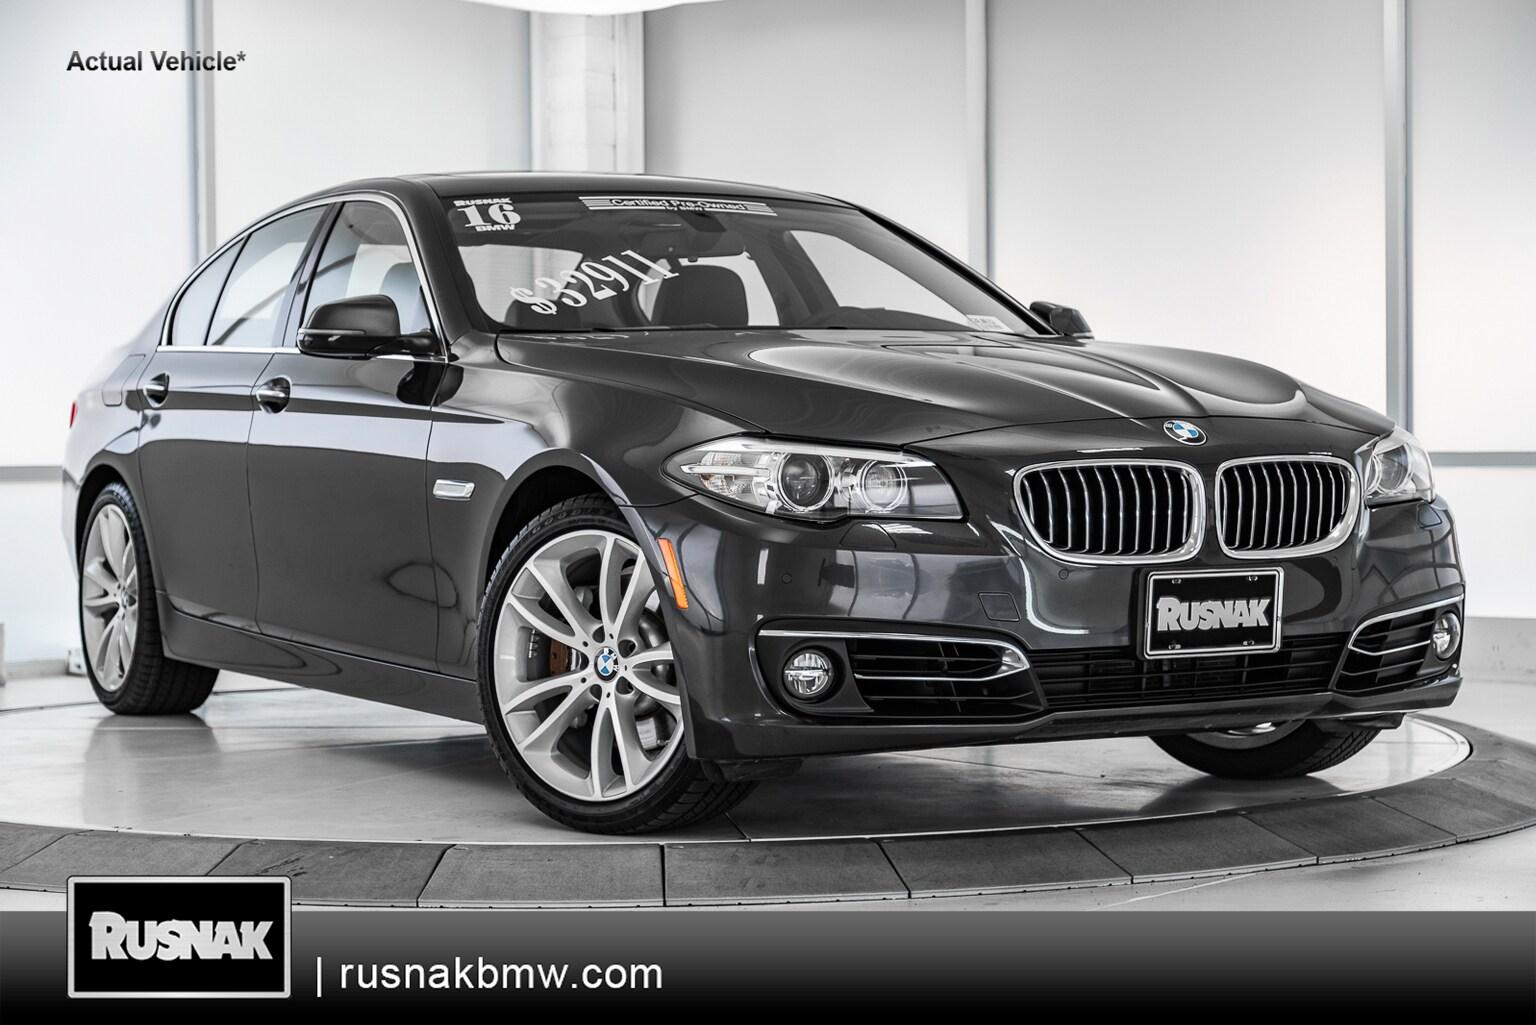 2016 BMW 535i Sedan 4dr Car